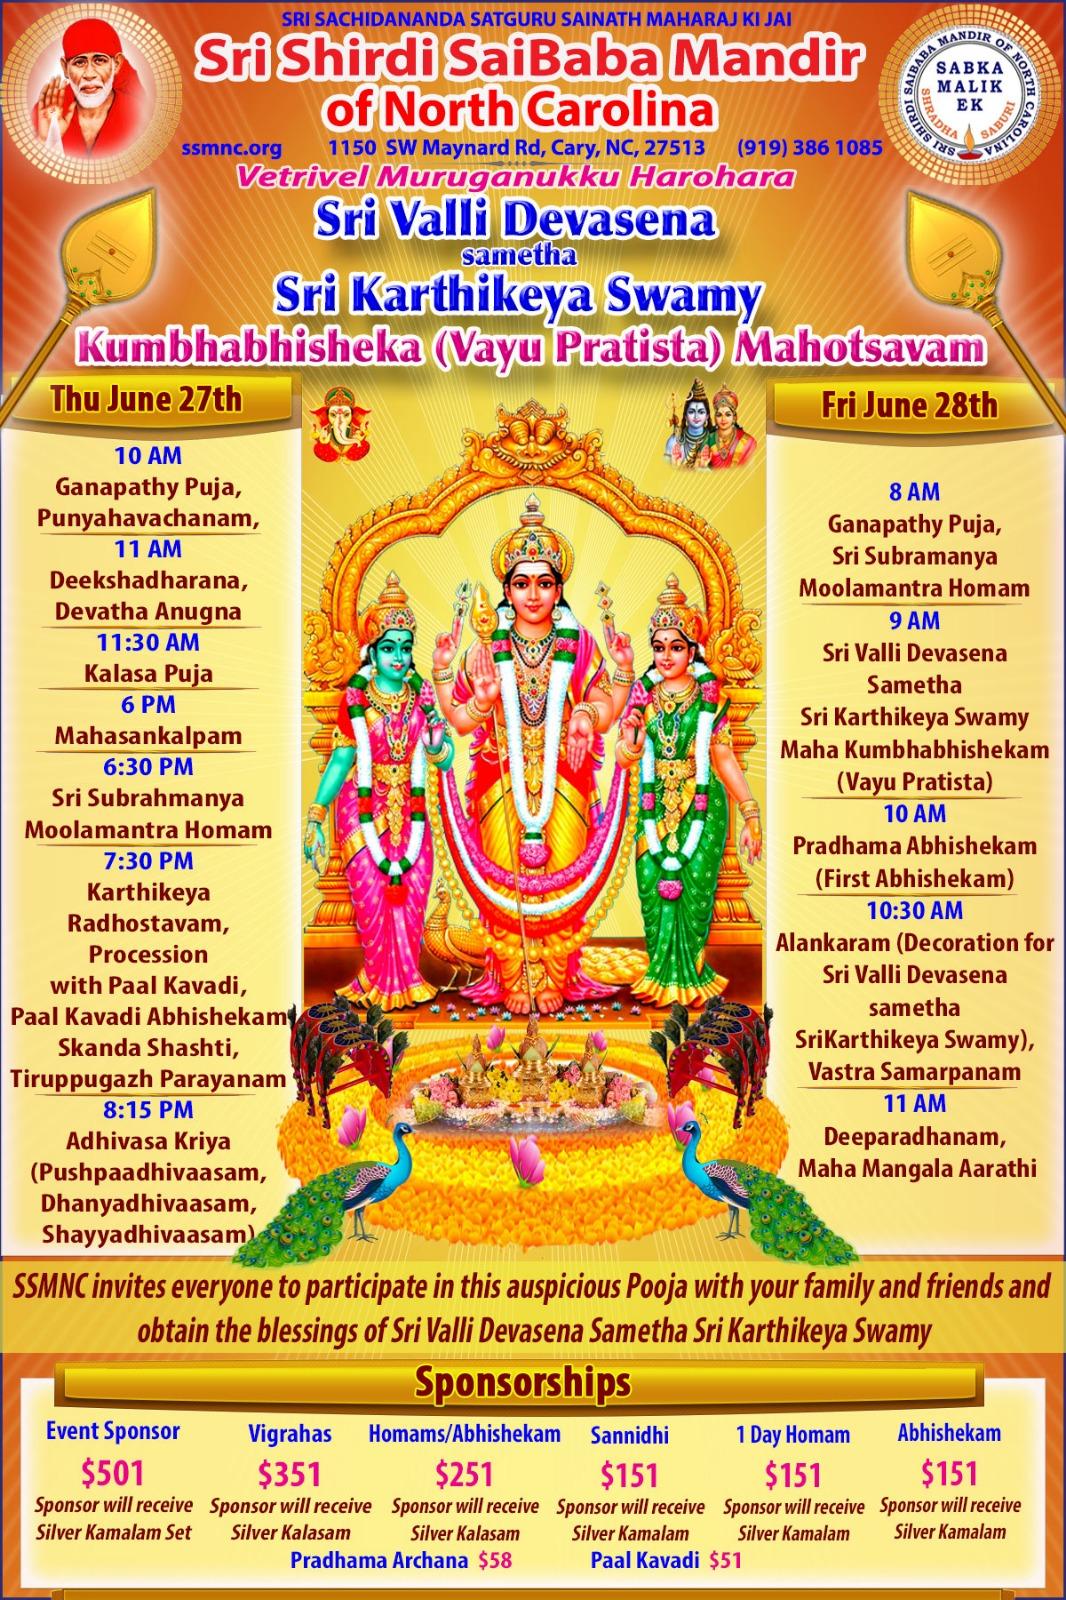 SSMNC_Kaarthikeya_Vayu_Prathista.jpeg